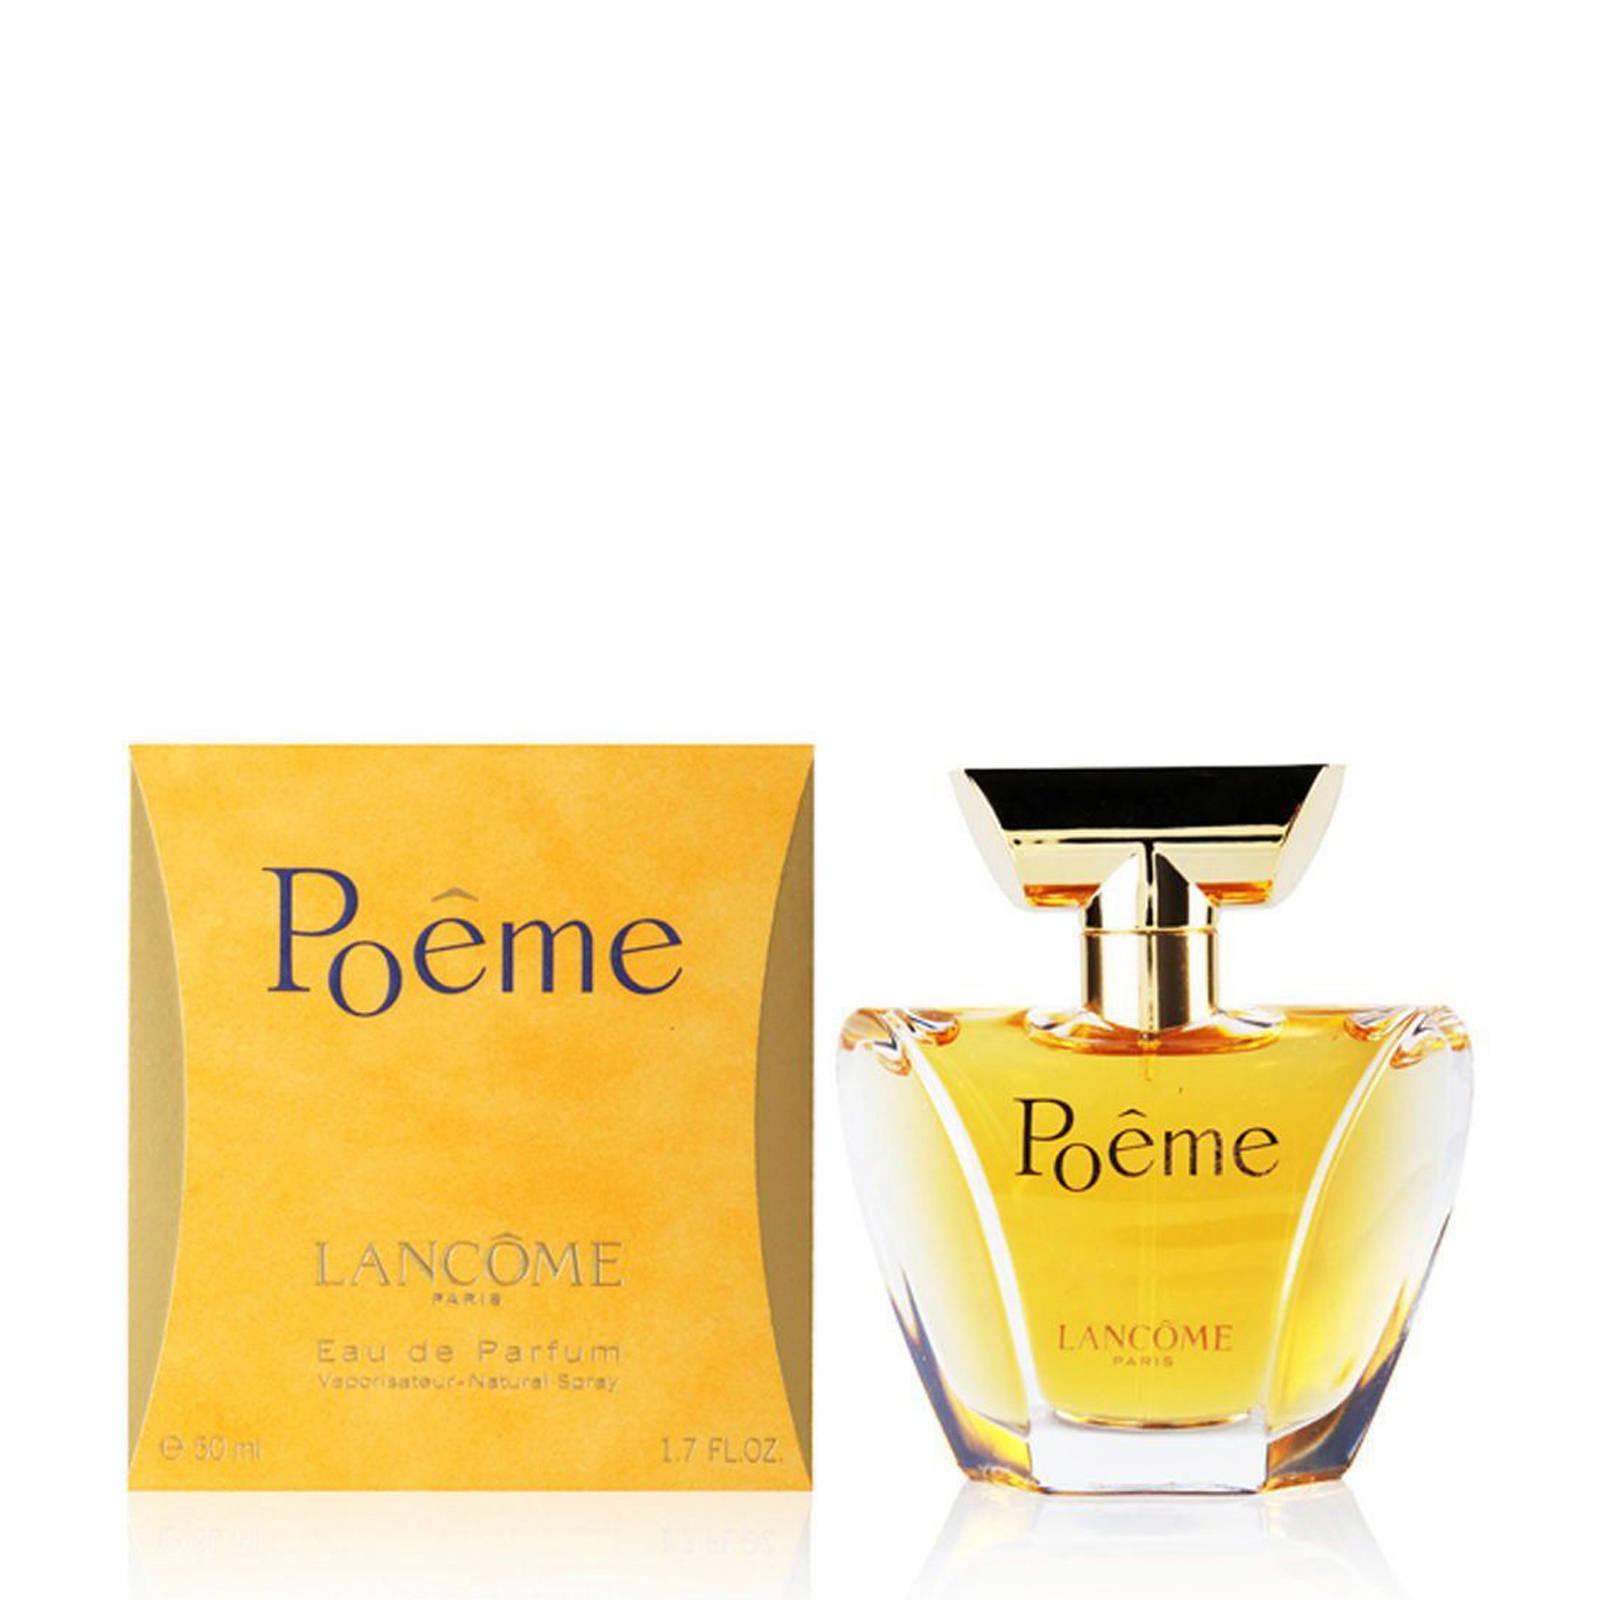 Poeme eau de parfum 50 ml